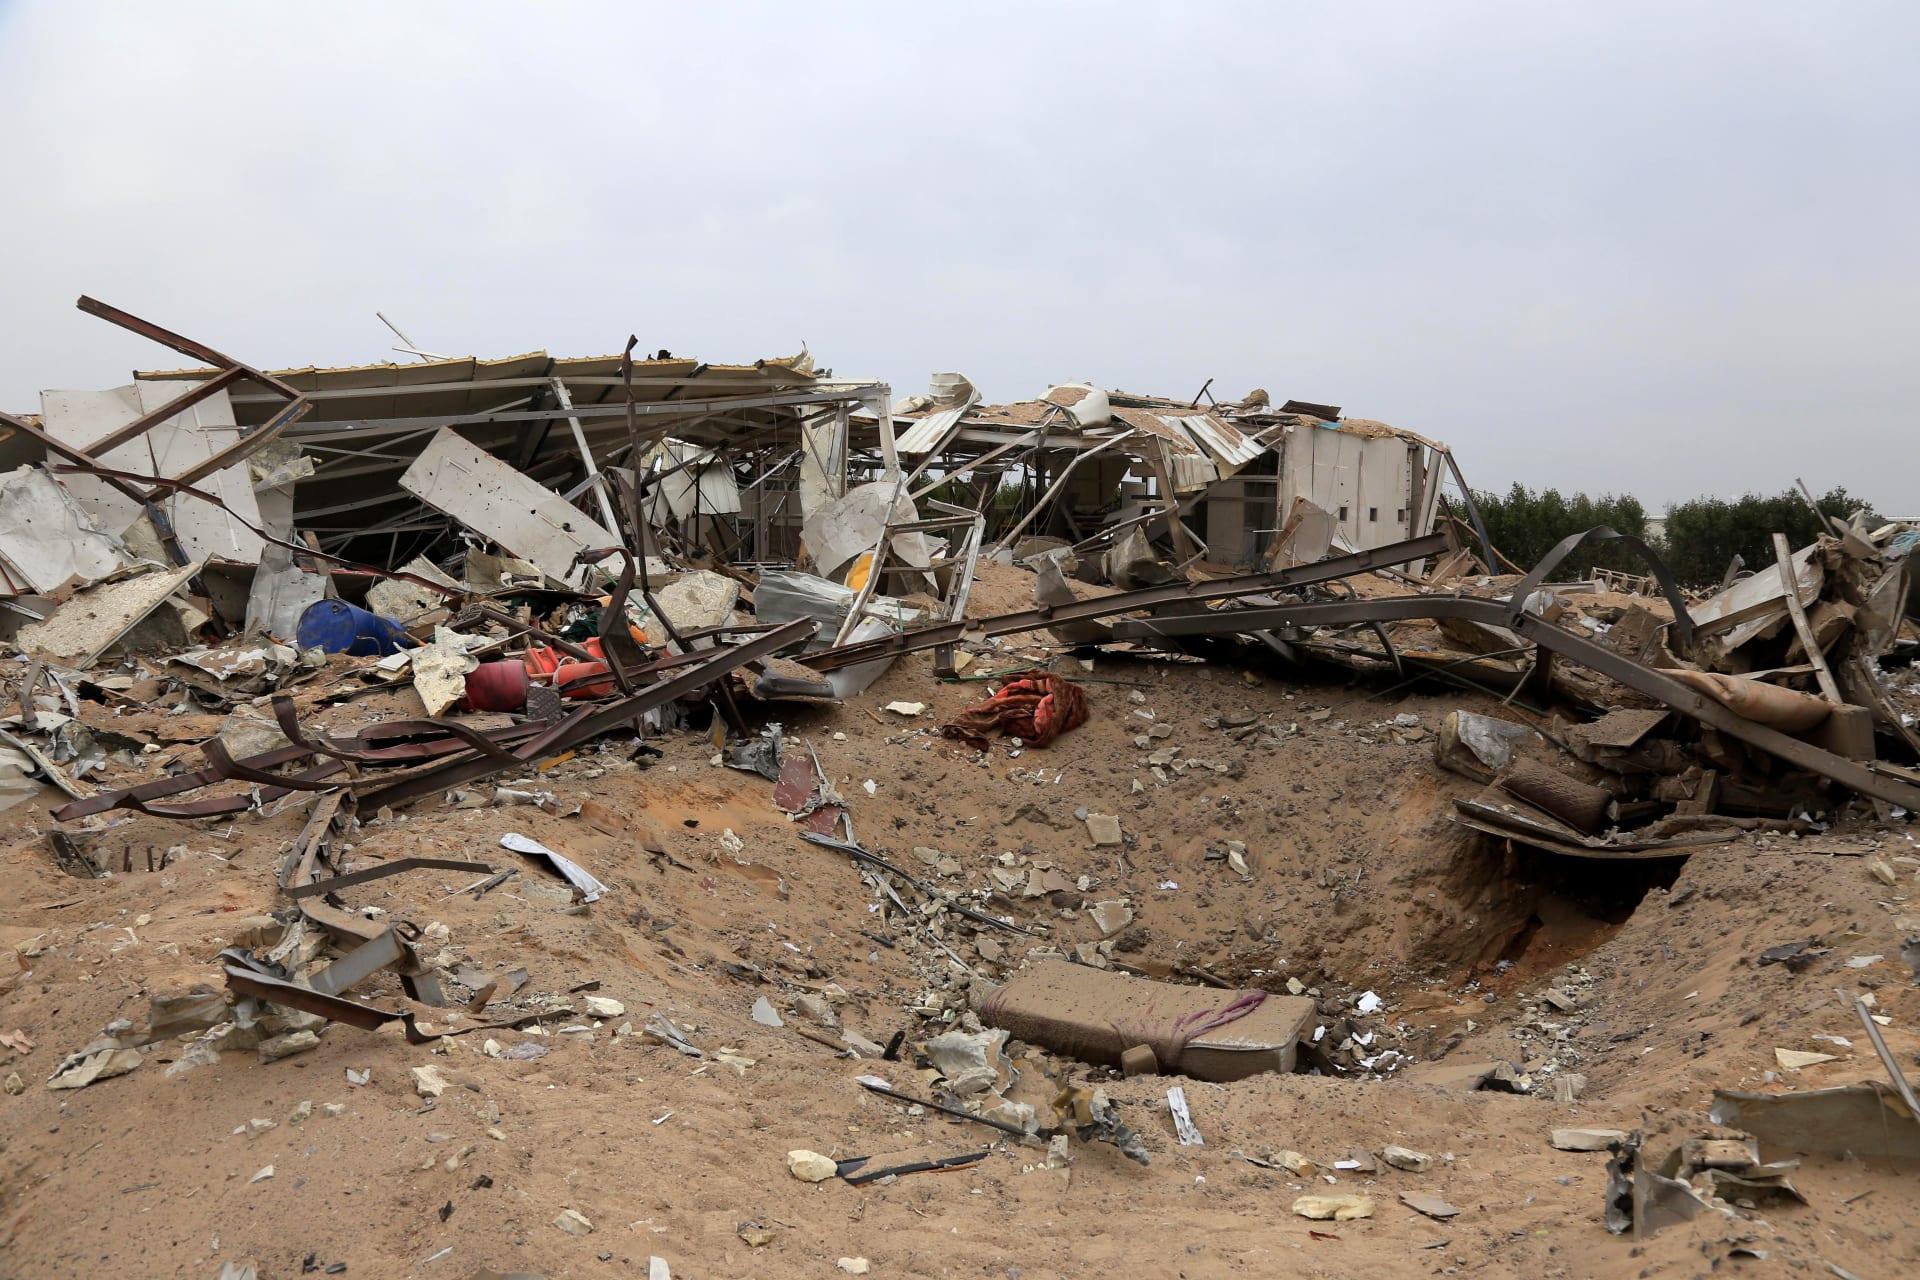 الجيش العراقي: 3 صواريخ كاتيوشا سقطت على معسكر التاجي.. وتسببت في أضرار كبيرة